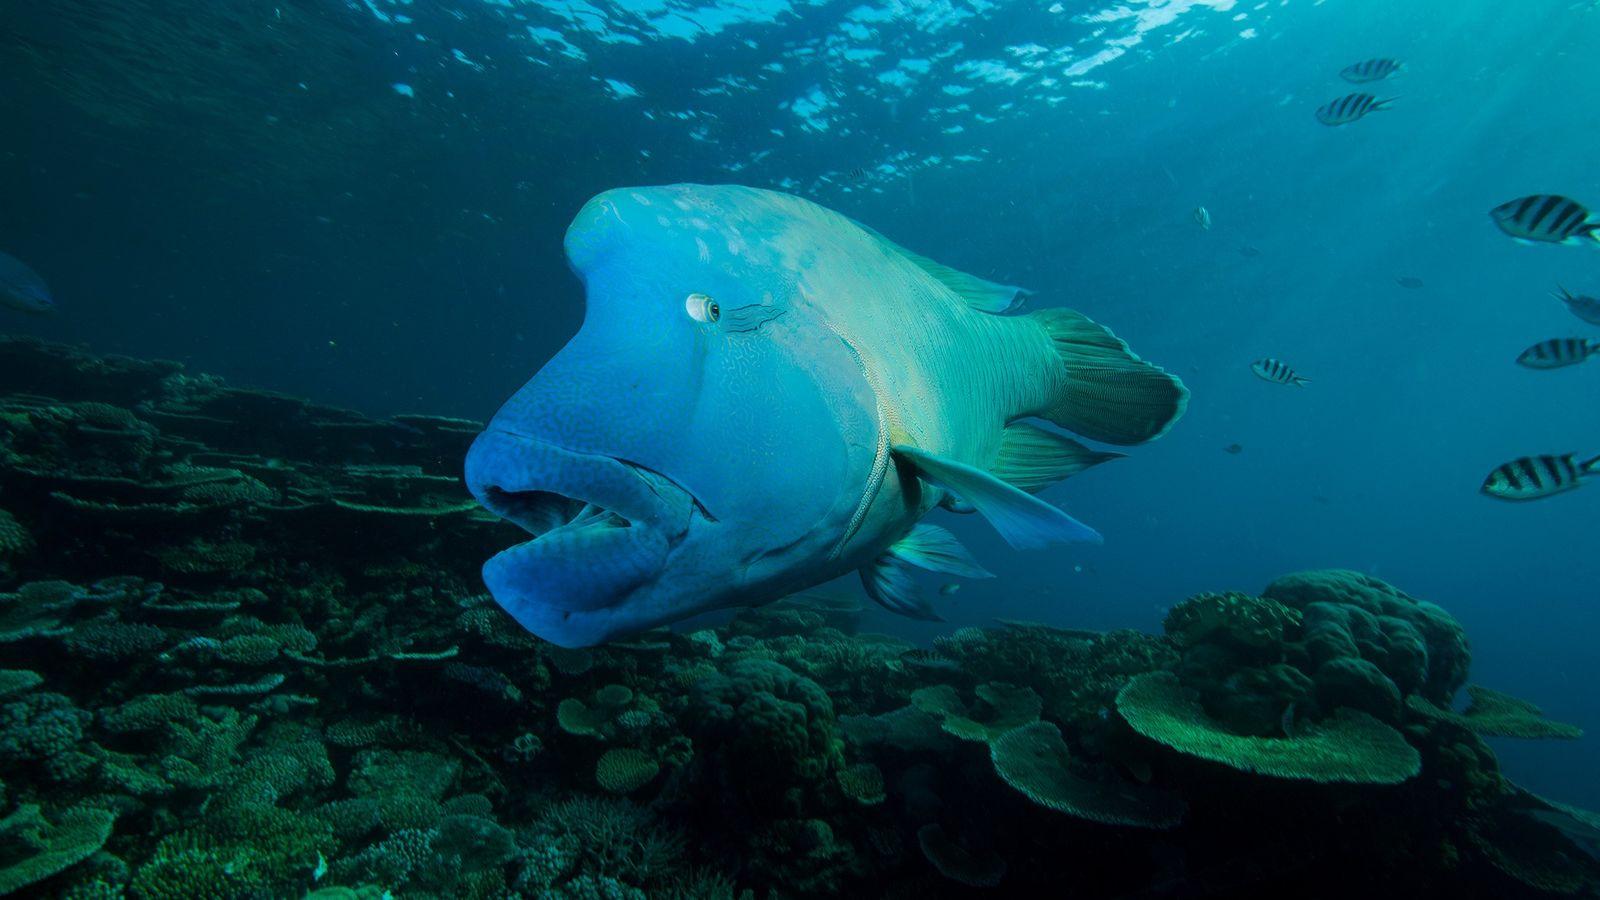 Podendo pesar cerca de 180 quilogramas e com marcas diferenciadas atrás dos olhos, o peixe-napoleão vive ...